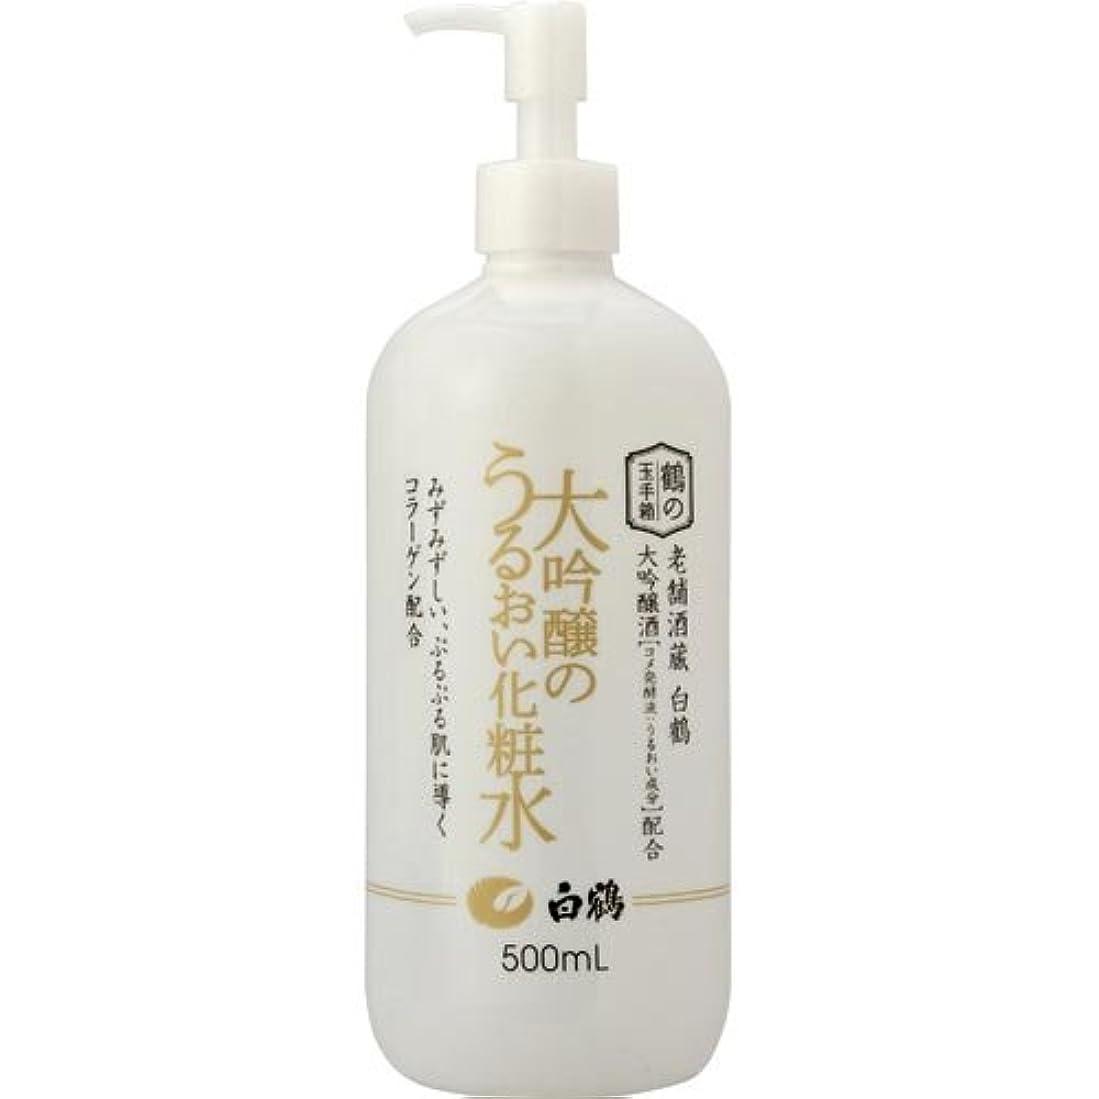 仮説意義ズーム白鶴 鶴の玉手箱 薬用 大吟醸のうるおい化粧水 500ml